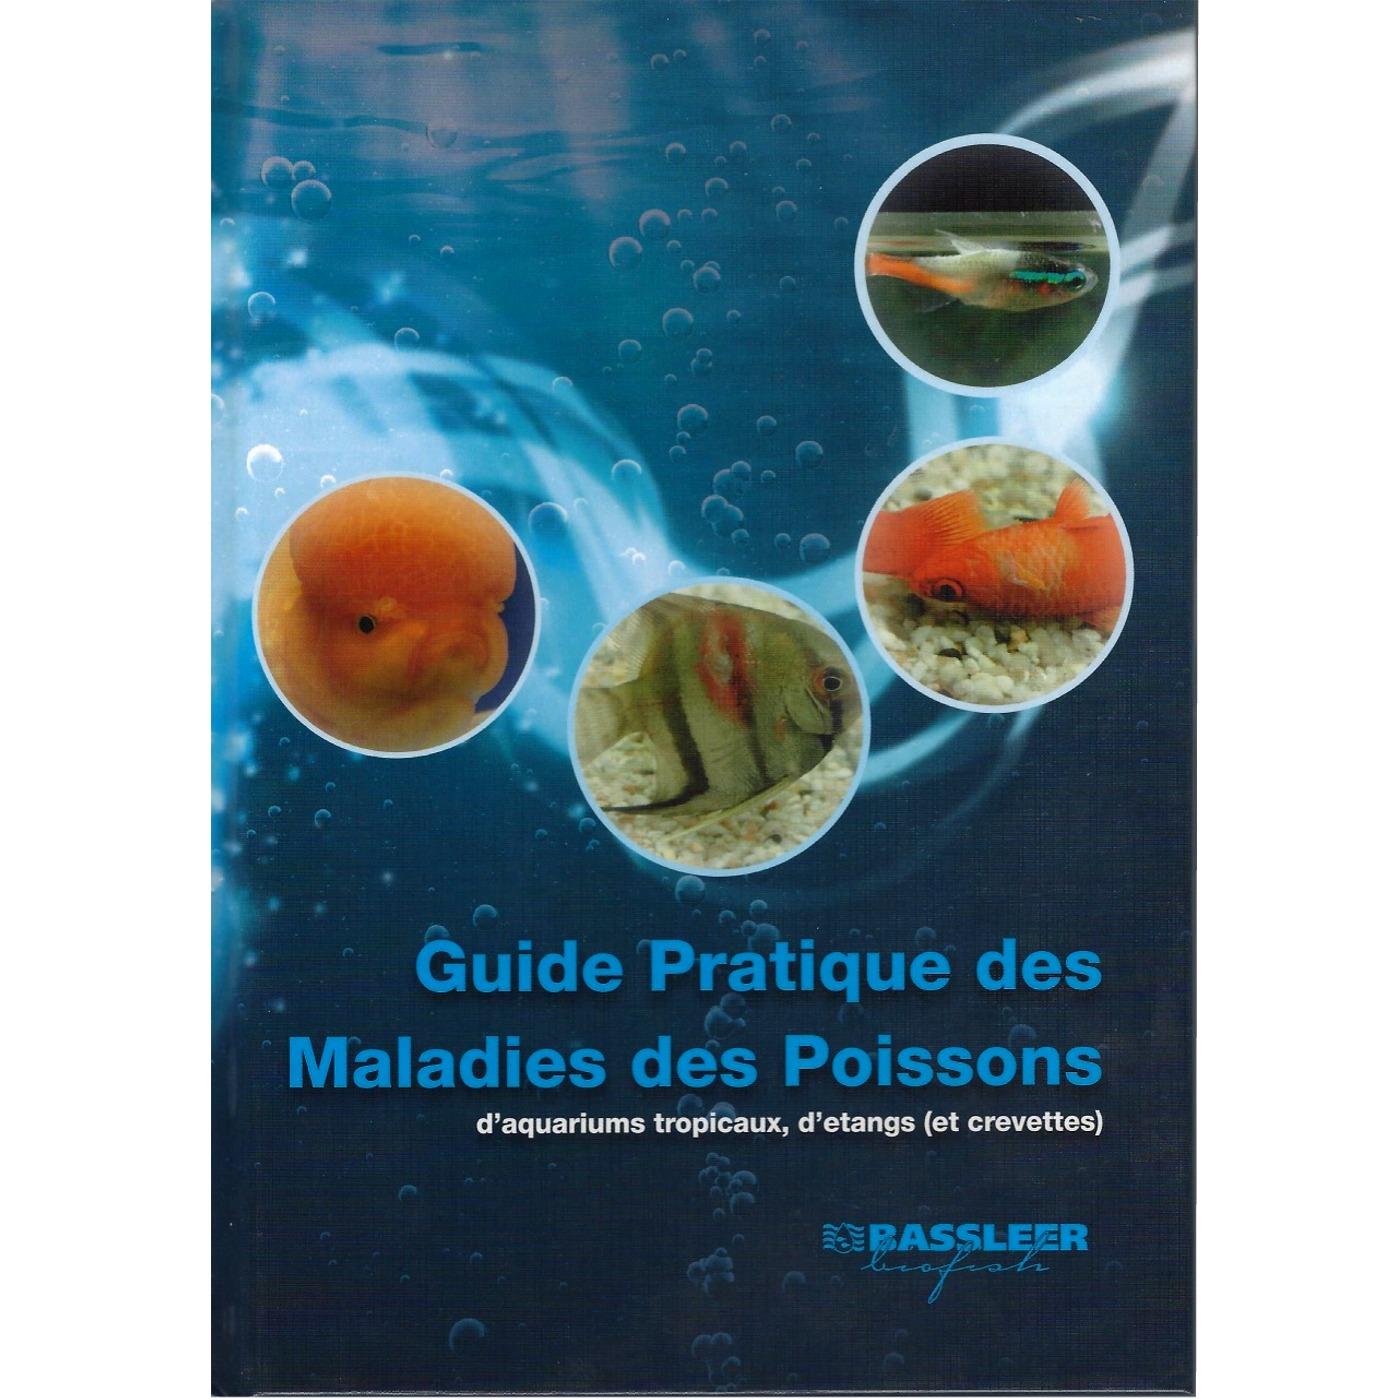 Guide Pratique des Maladies des Poissons d\'aquariums tropicaux, de bassin et crevettes